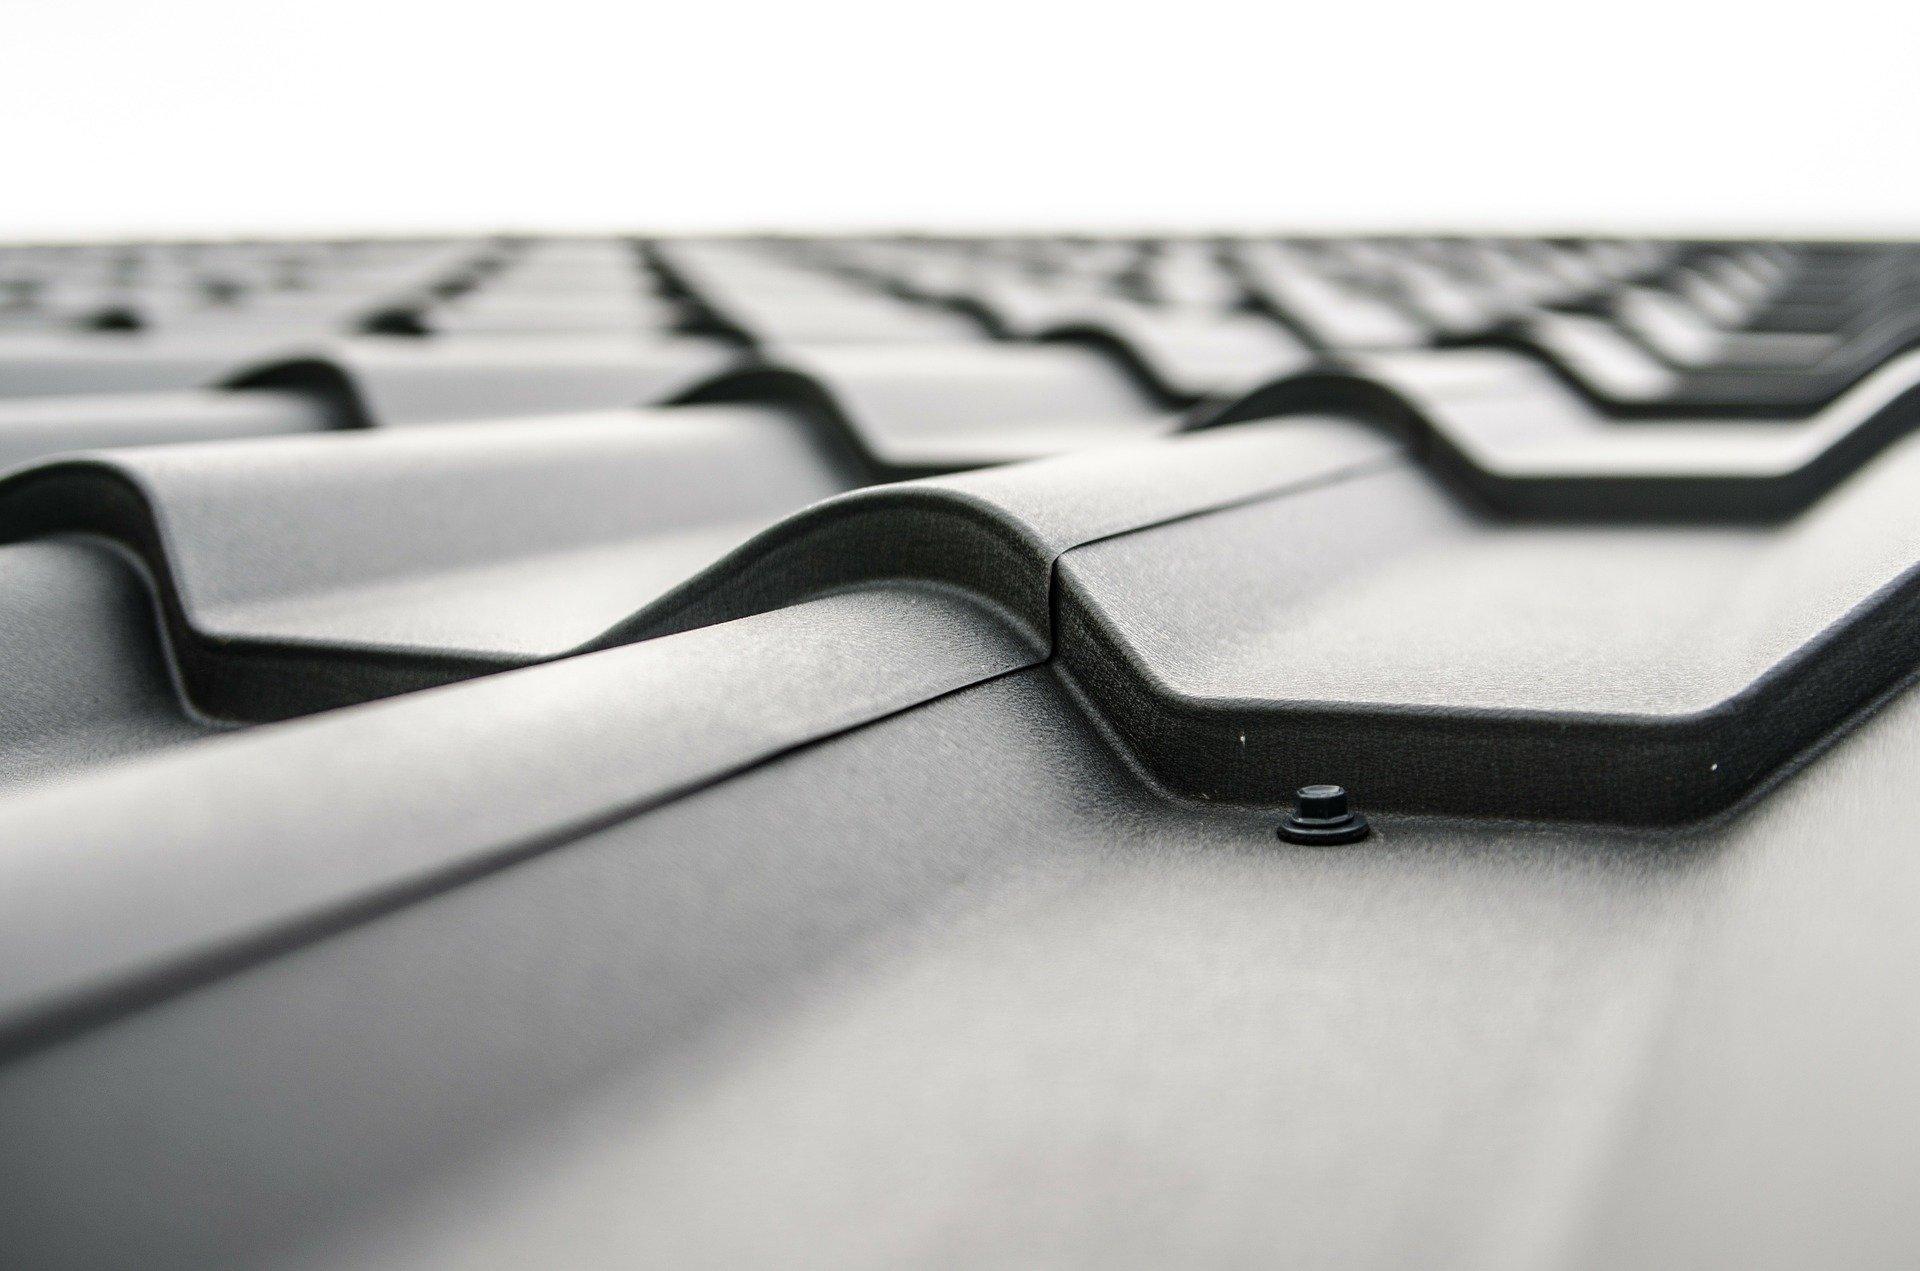 Poszukiwanie pokrycia dachowego